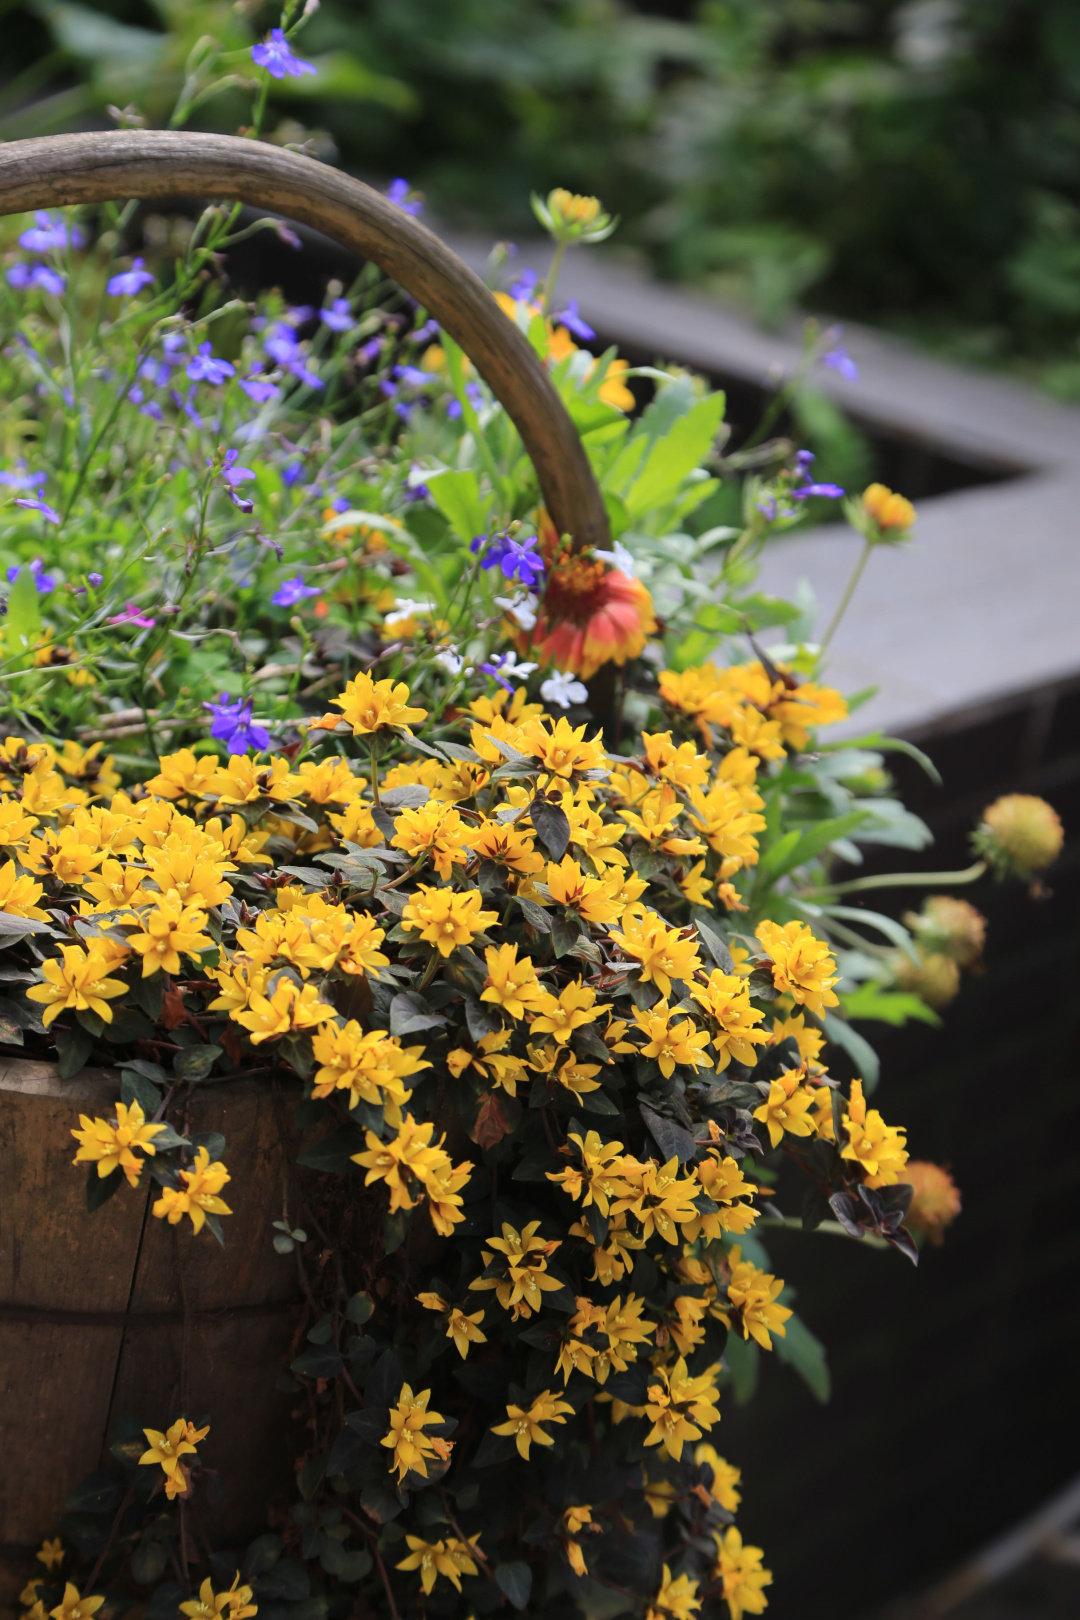 Khu vườn quanh năm chỉ có mùa xuân với hoa nở tưng bừng của cô giáo dạy Toán-15